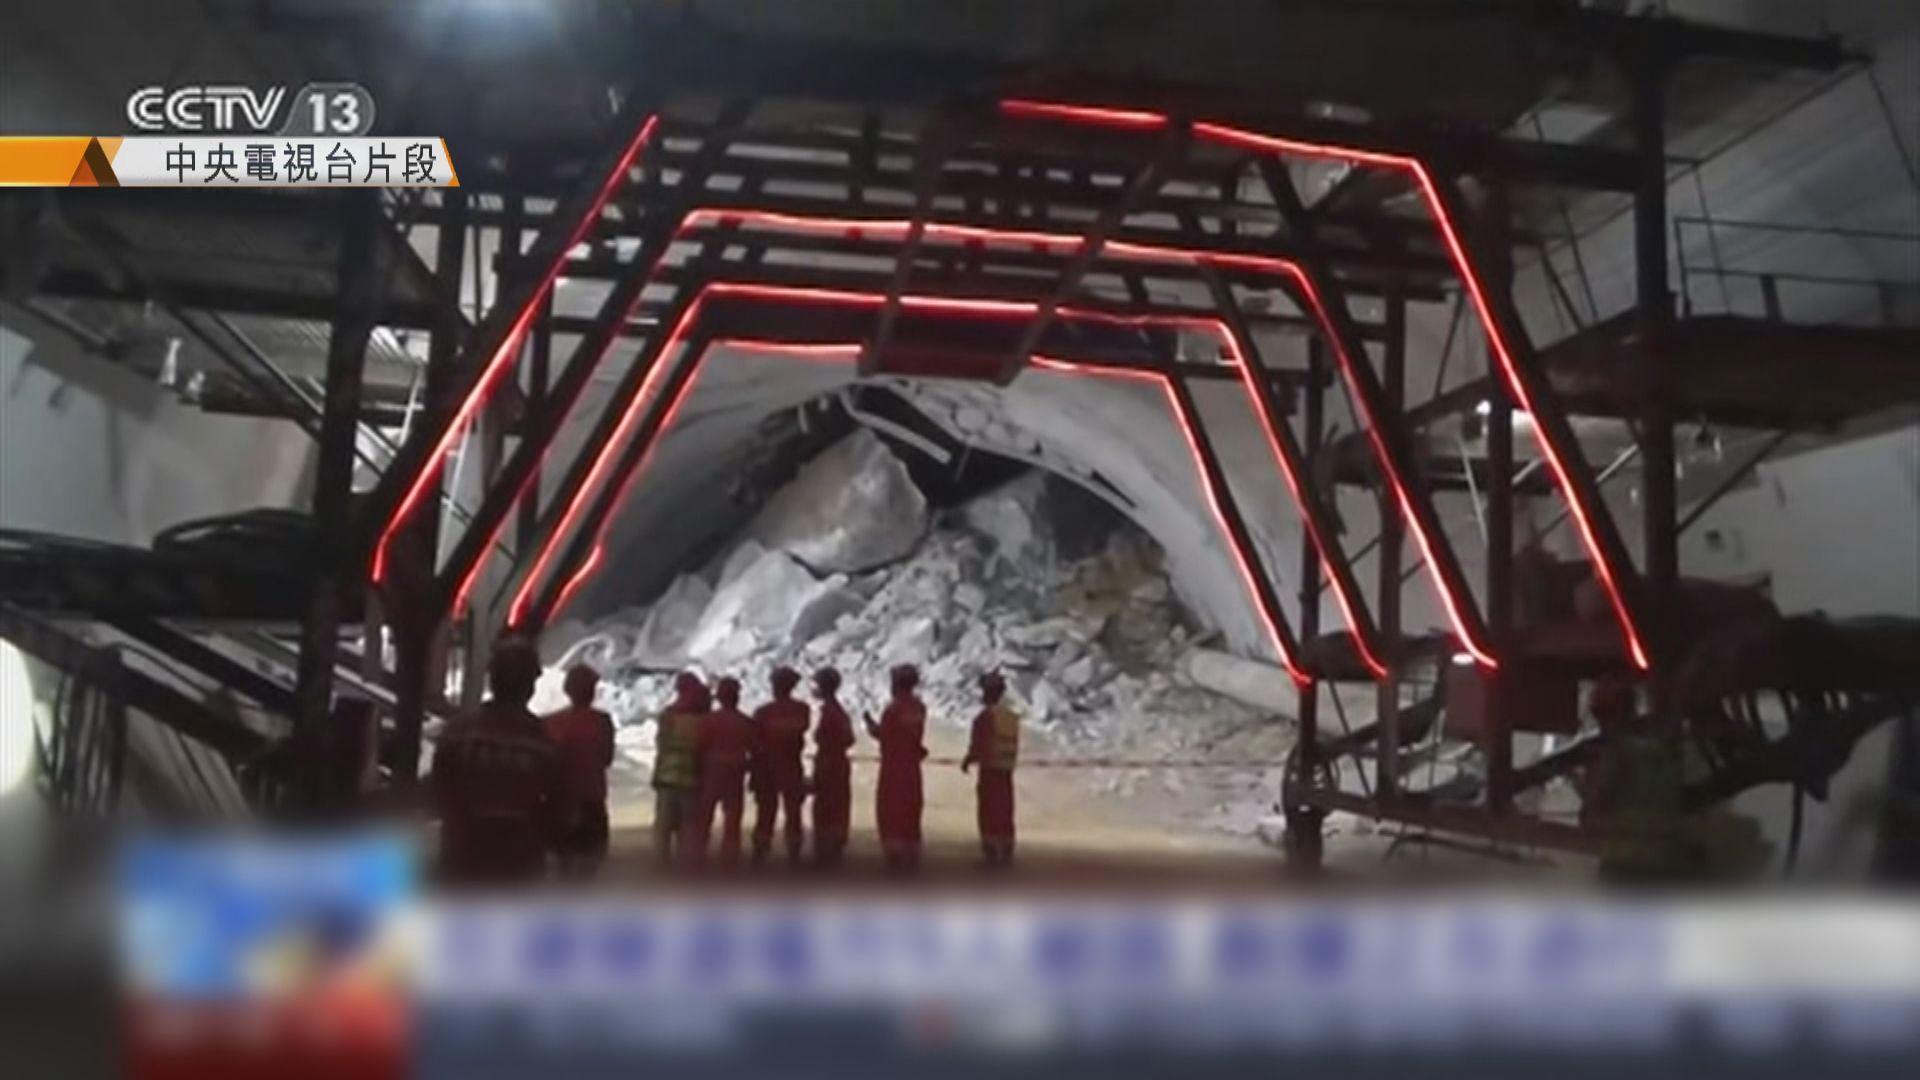 廣西隧道岩石倒塌9人被埋